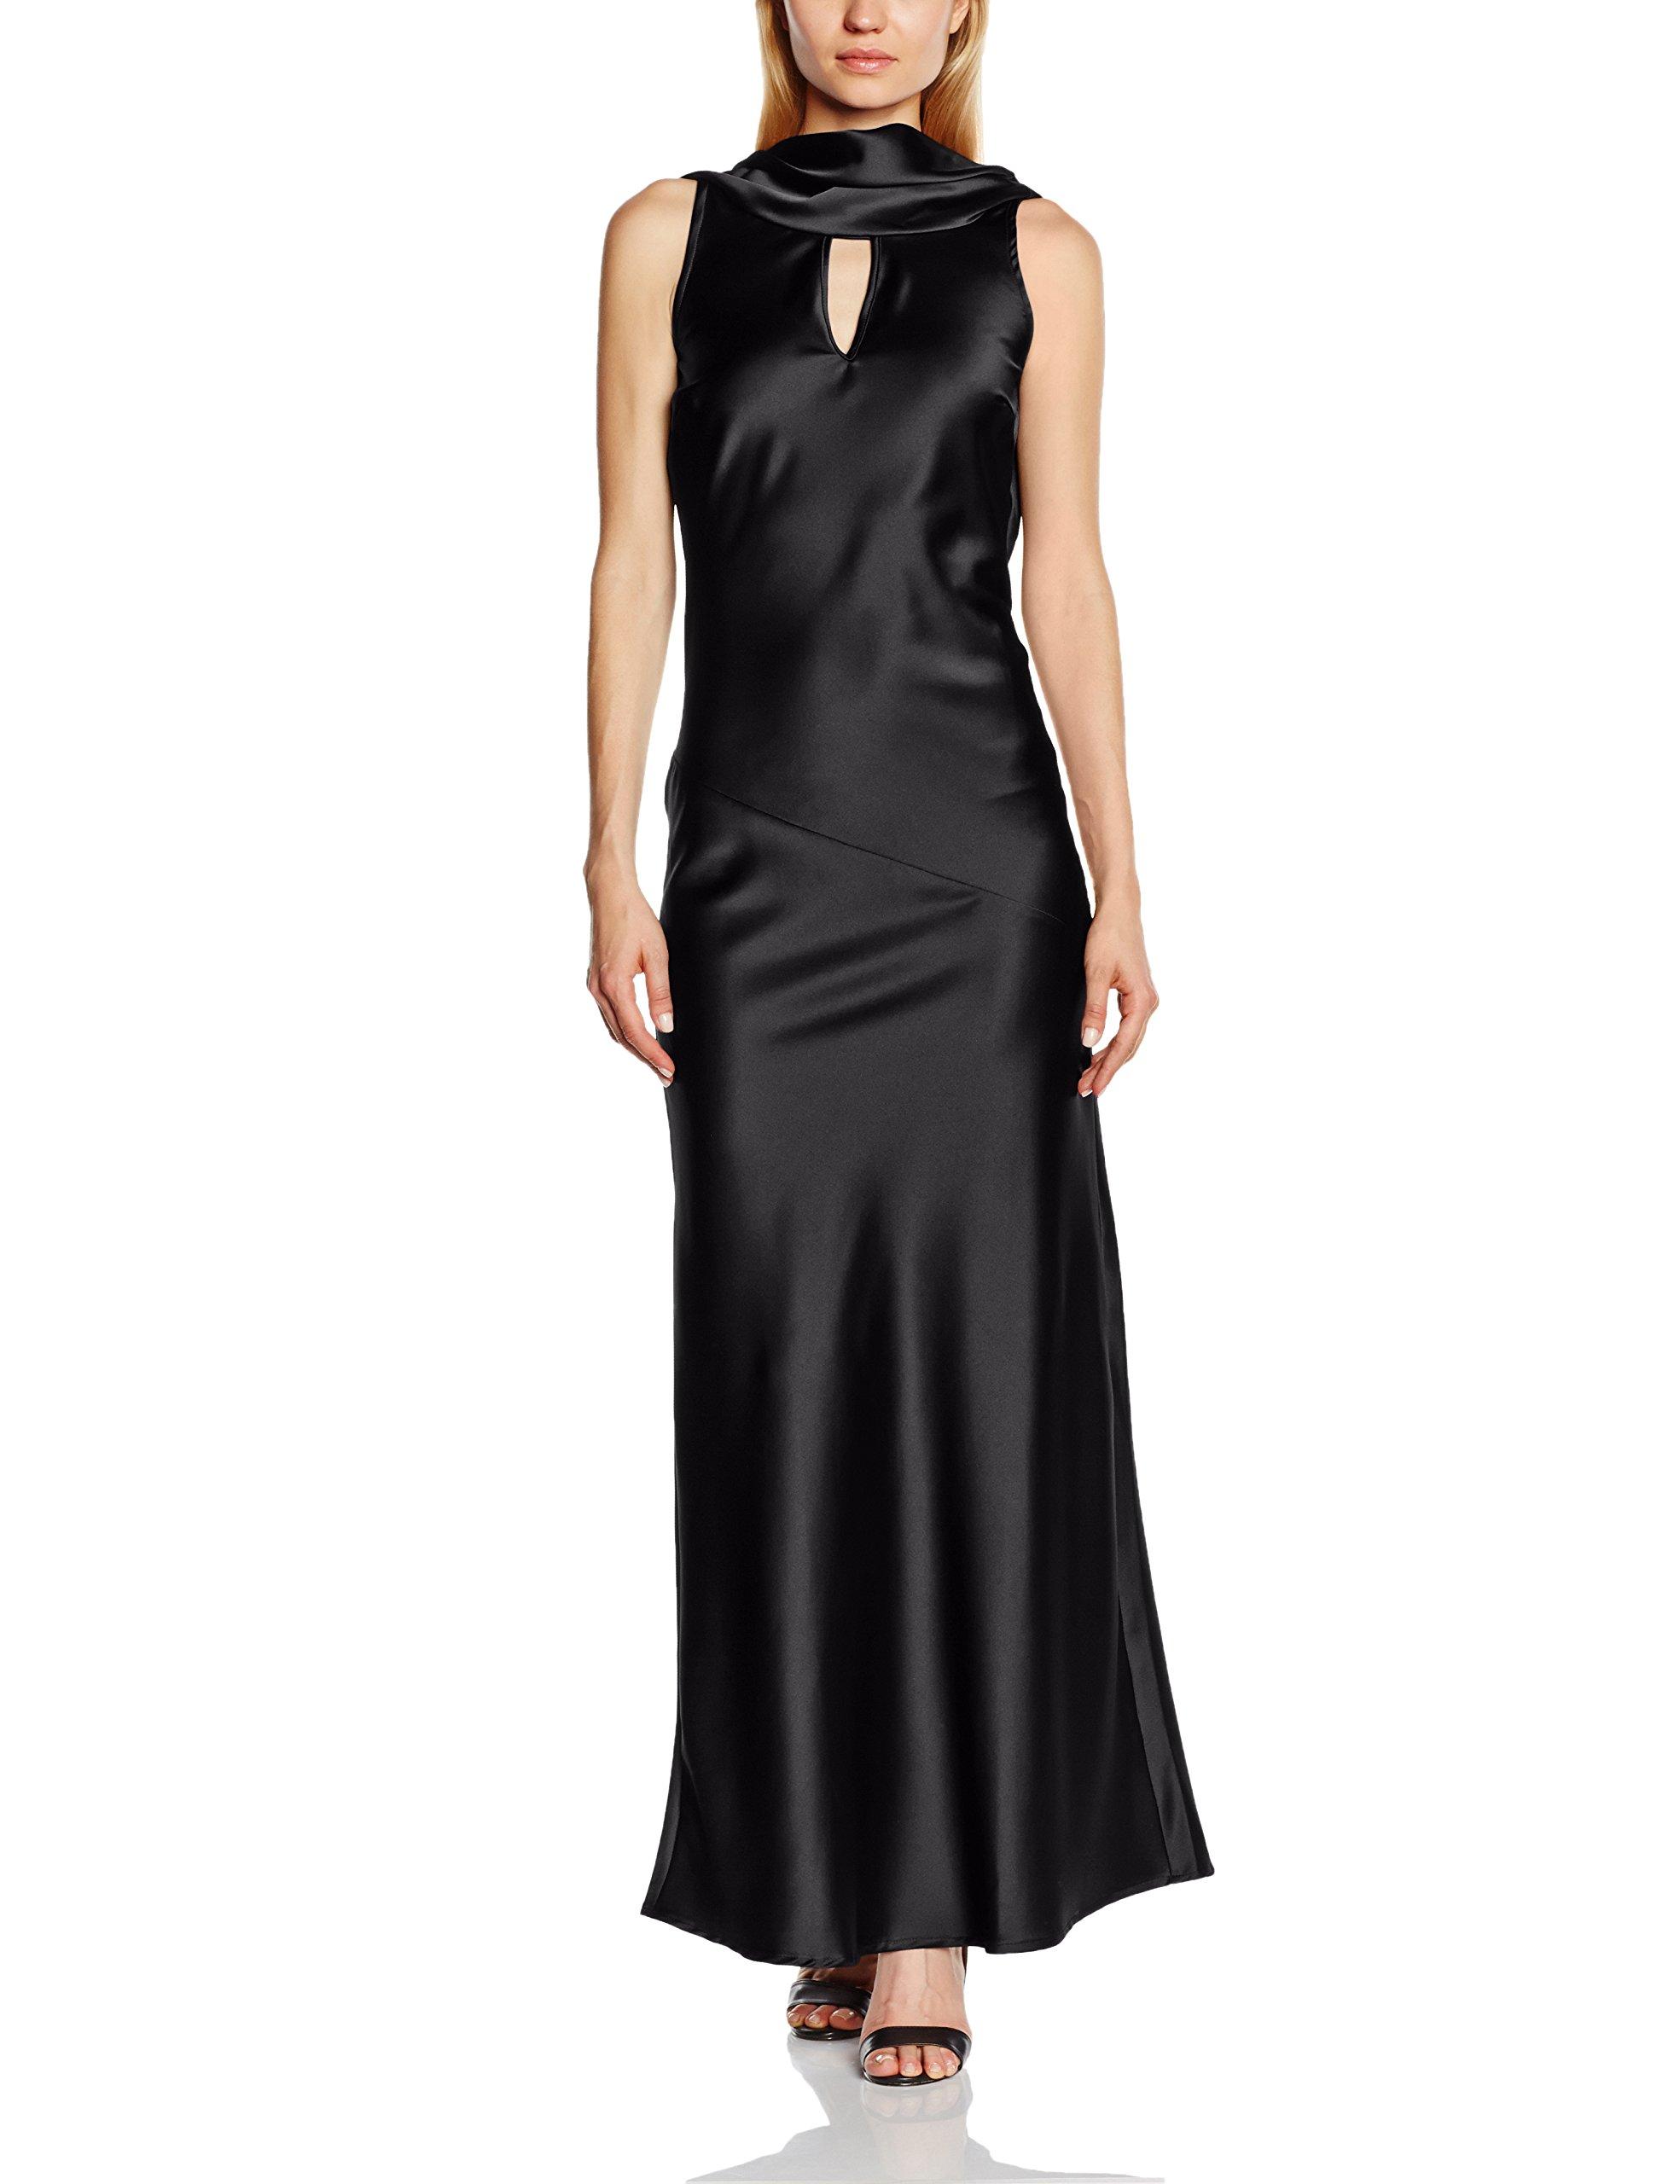 Cowl Fabricant14 NeckRobe Hotsquash Sans Noir 42taille Silky Femme Soirée Manche Tl3KcF1J